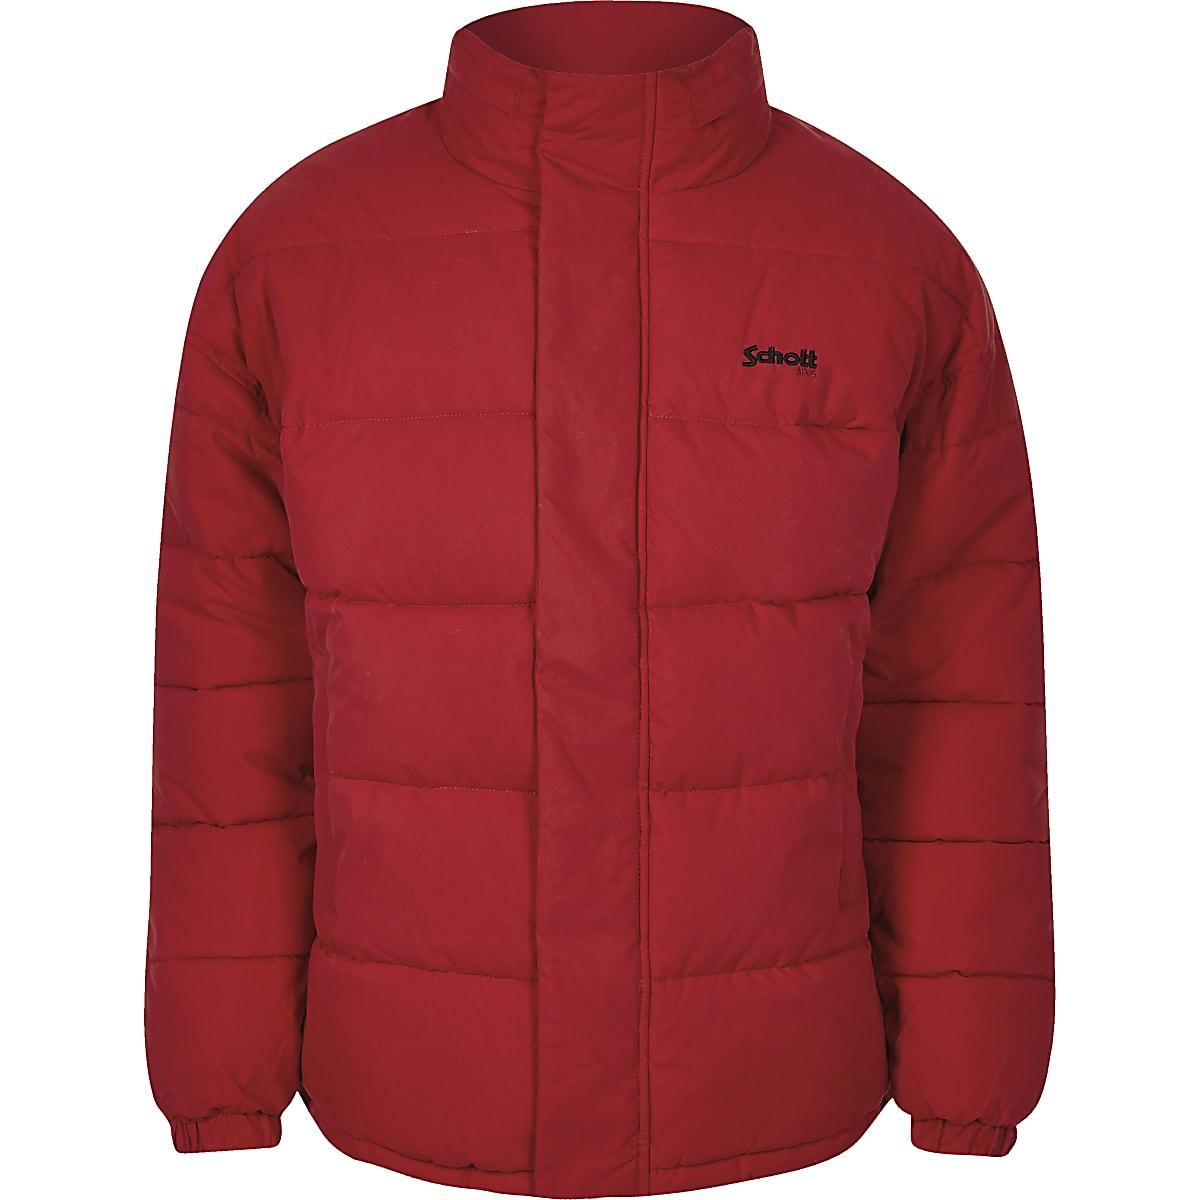 Schott red hidden hood puffer jacket